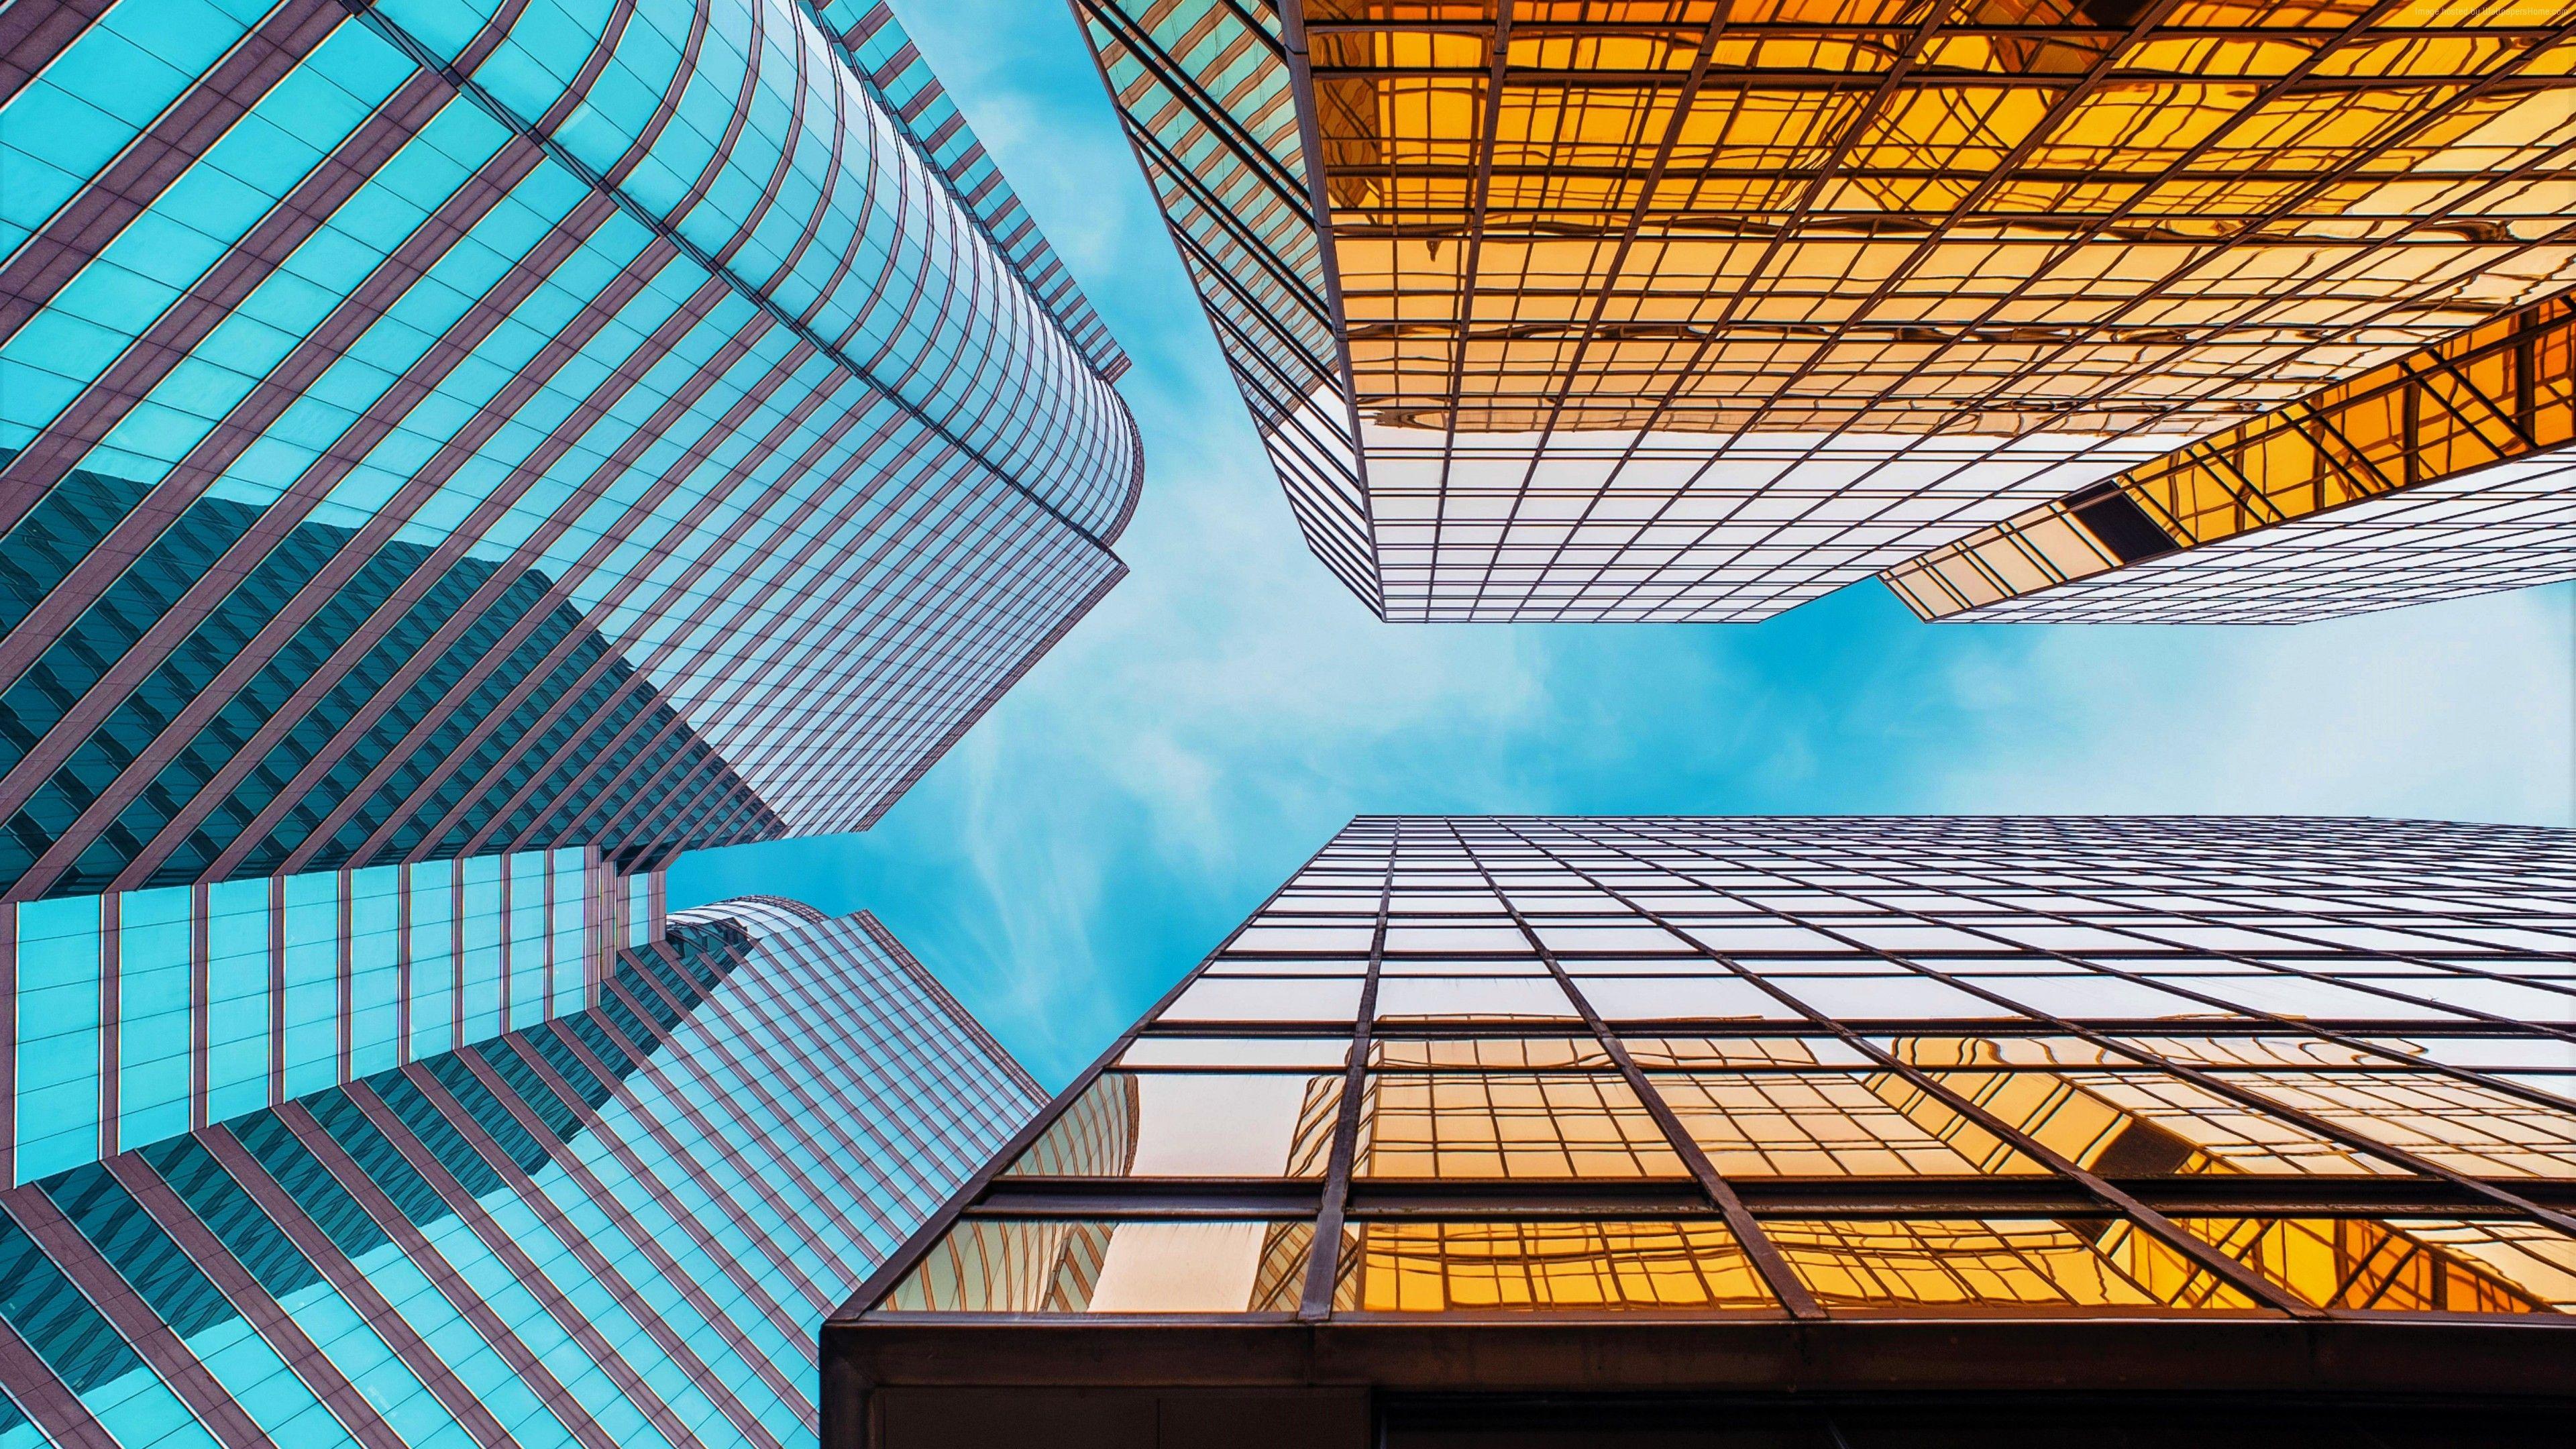 Wallpaper Skycrapper Cityscape 5k Architecture Http Www Pxwall Com Wallpaper Skycrapper Cityscape 5k A 18th Glass 4k Background Architecture Wallpaper